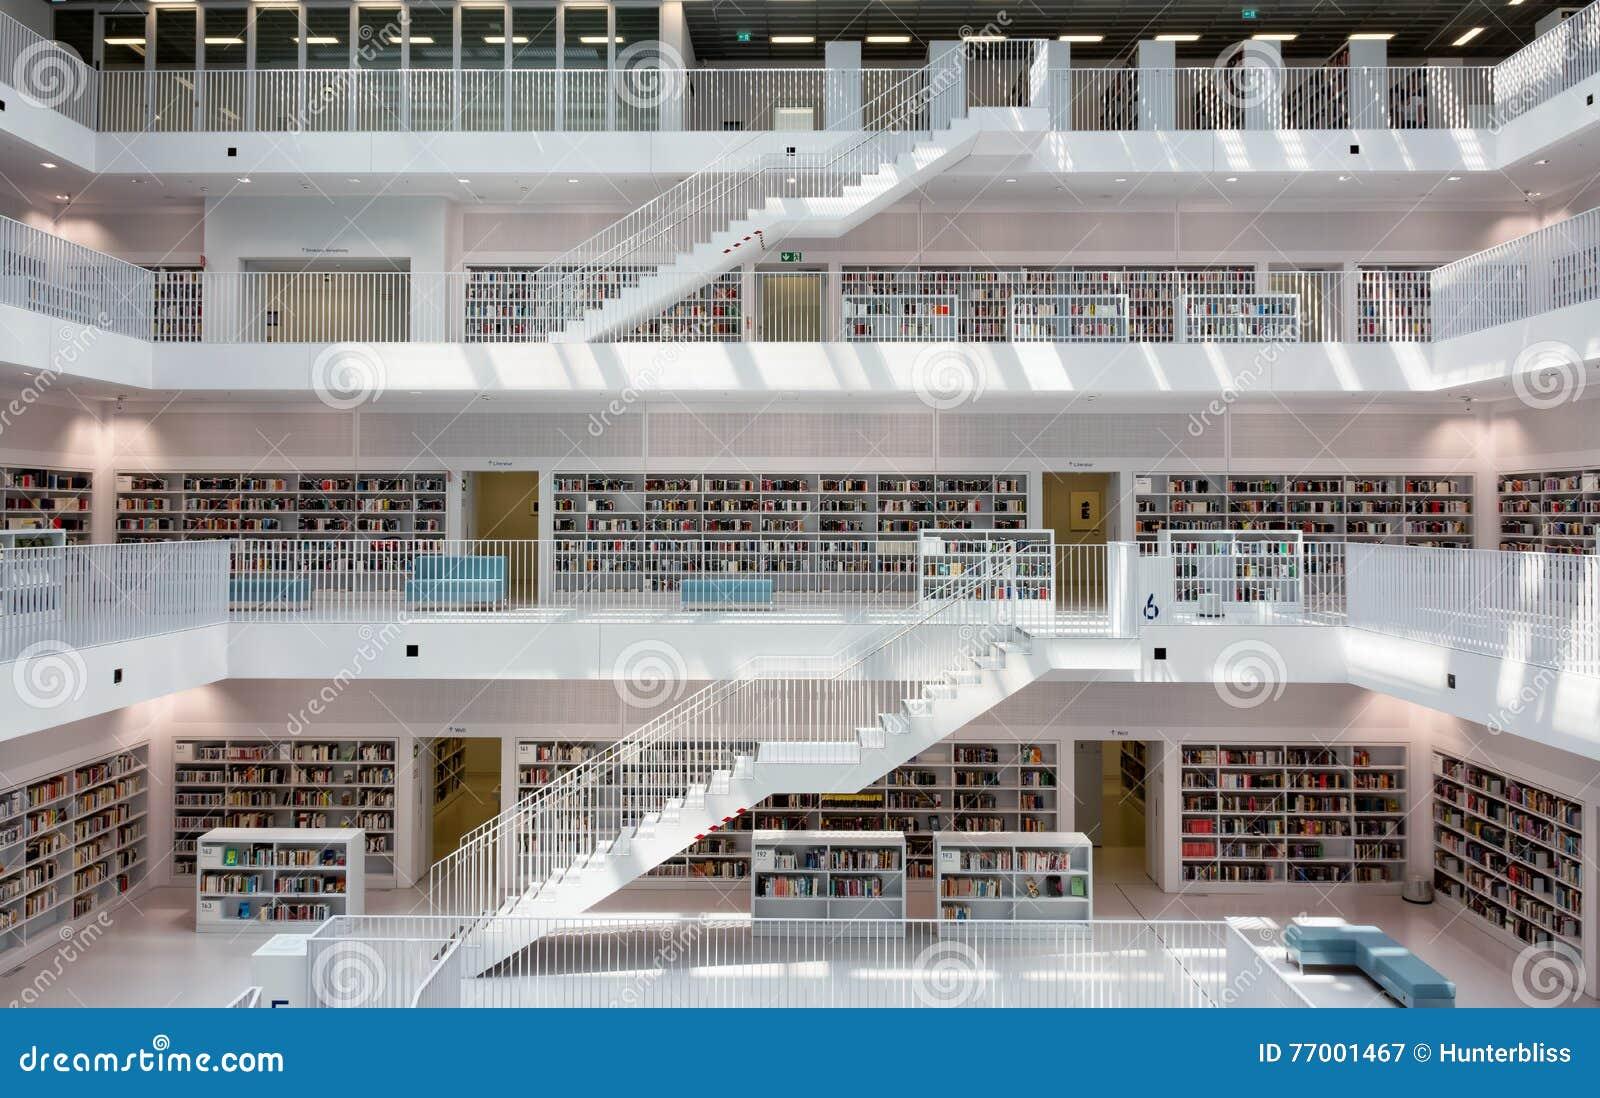 Moderne Geometrische Innenarchitektur Stuttgart Stadt Bibliothek